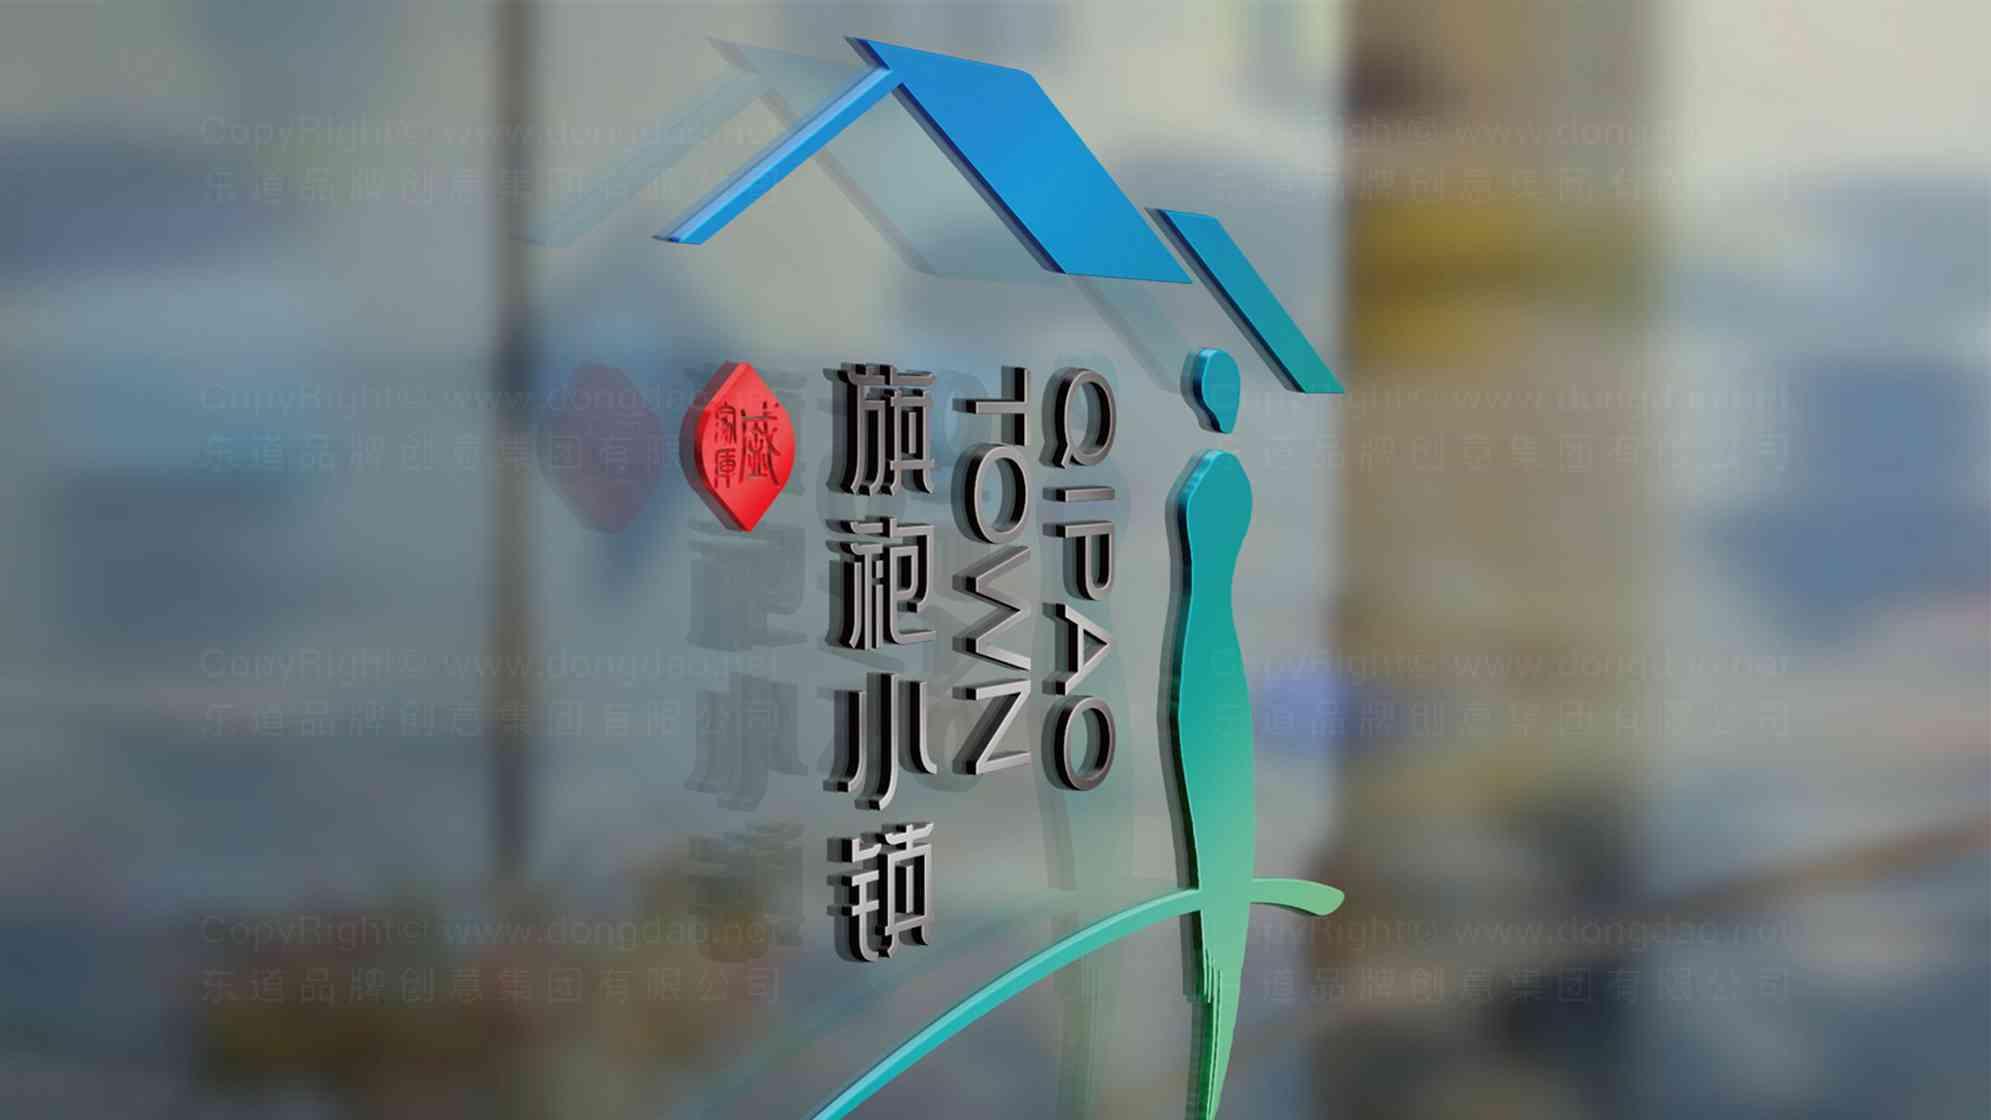 品牌设计案例旗袍小镇LOGO&VI设计